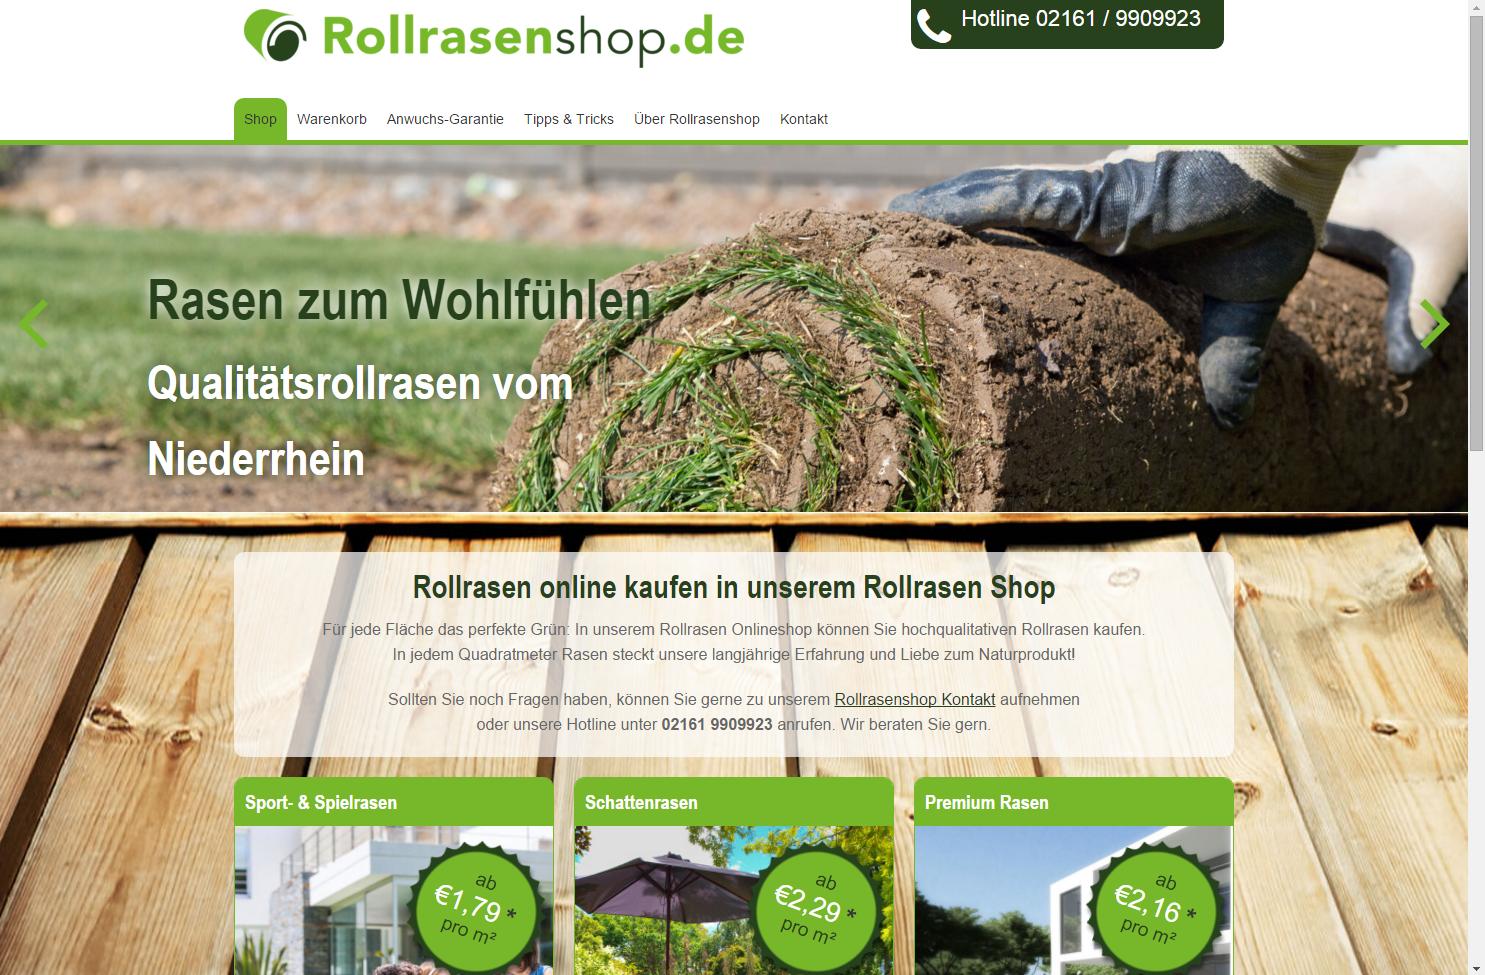 Rollrasen Onlineshop Startseite